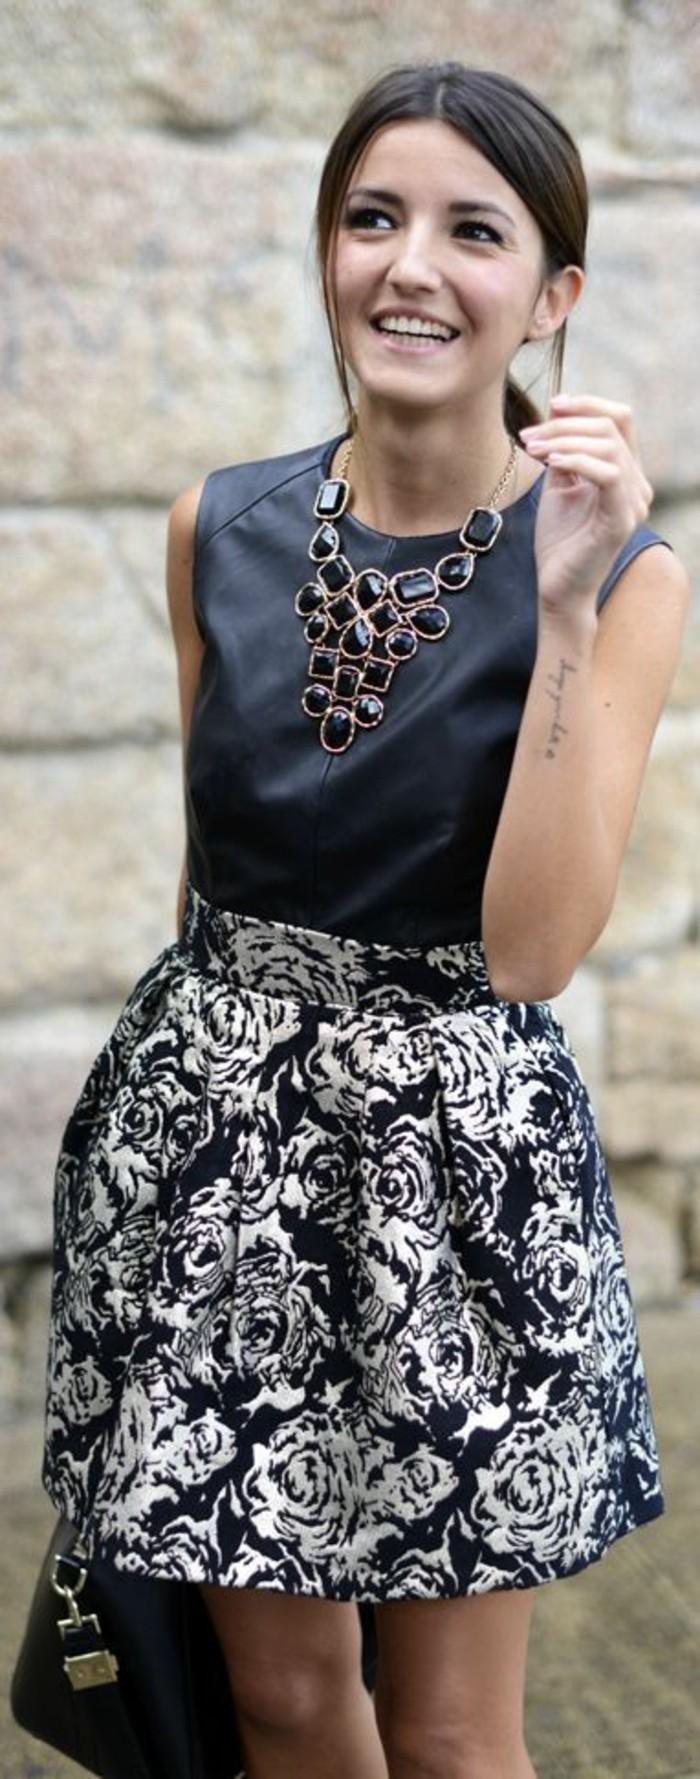 comment-mieux-s-habiller-comment-s-habiller-femme-jupe-mignonne